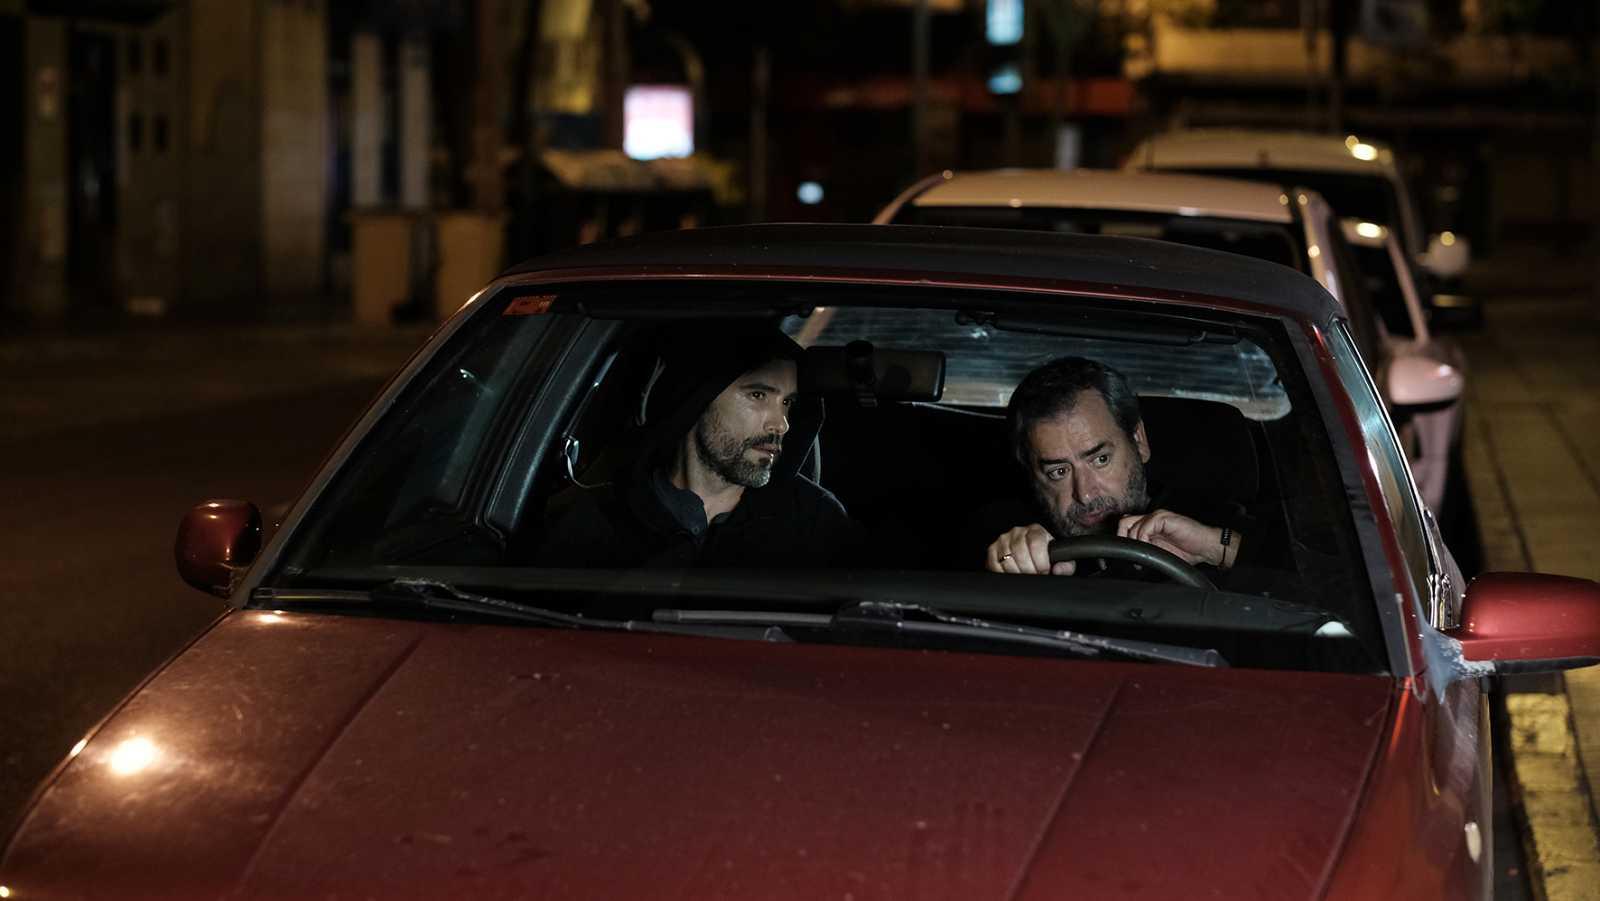 Jorge Bosch y Unax Ugalde, protagonistas de la película